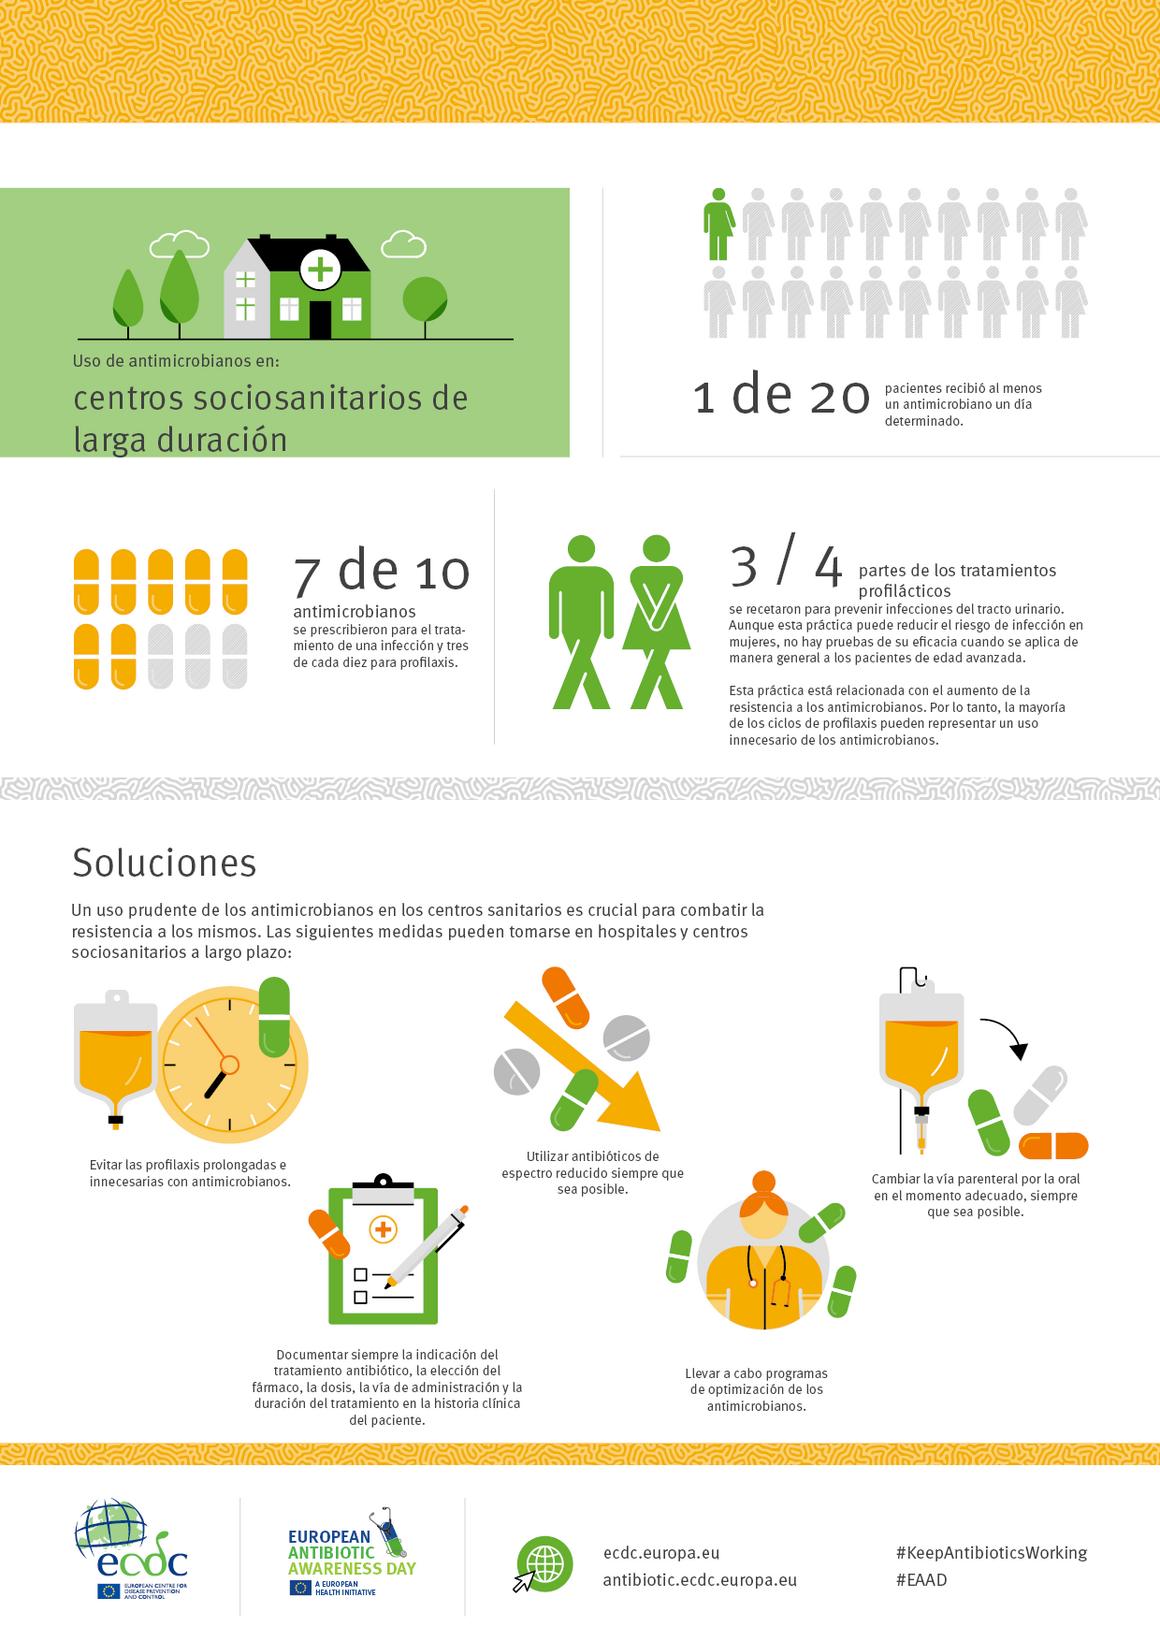 Uso de antimicrobianos en: centros sociosanitarios de larga duración